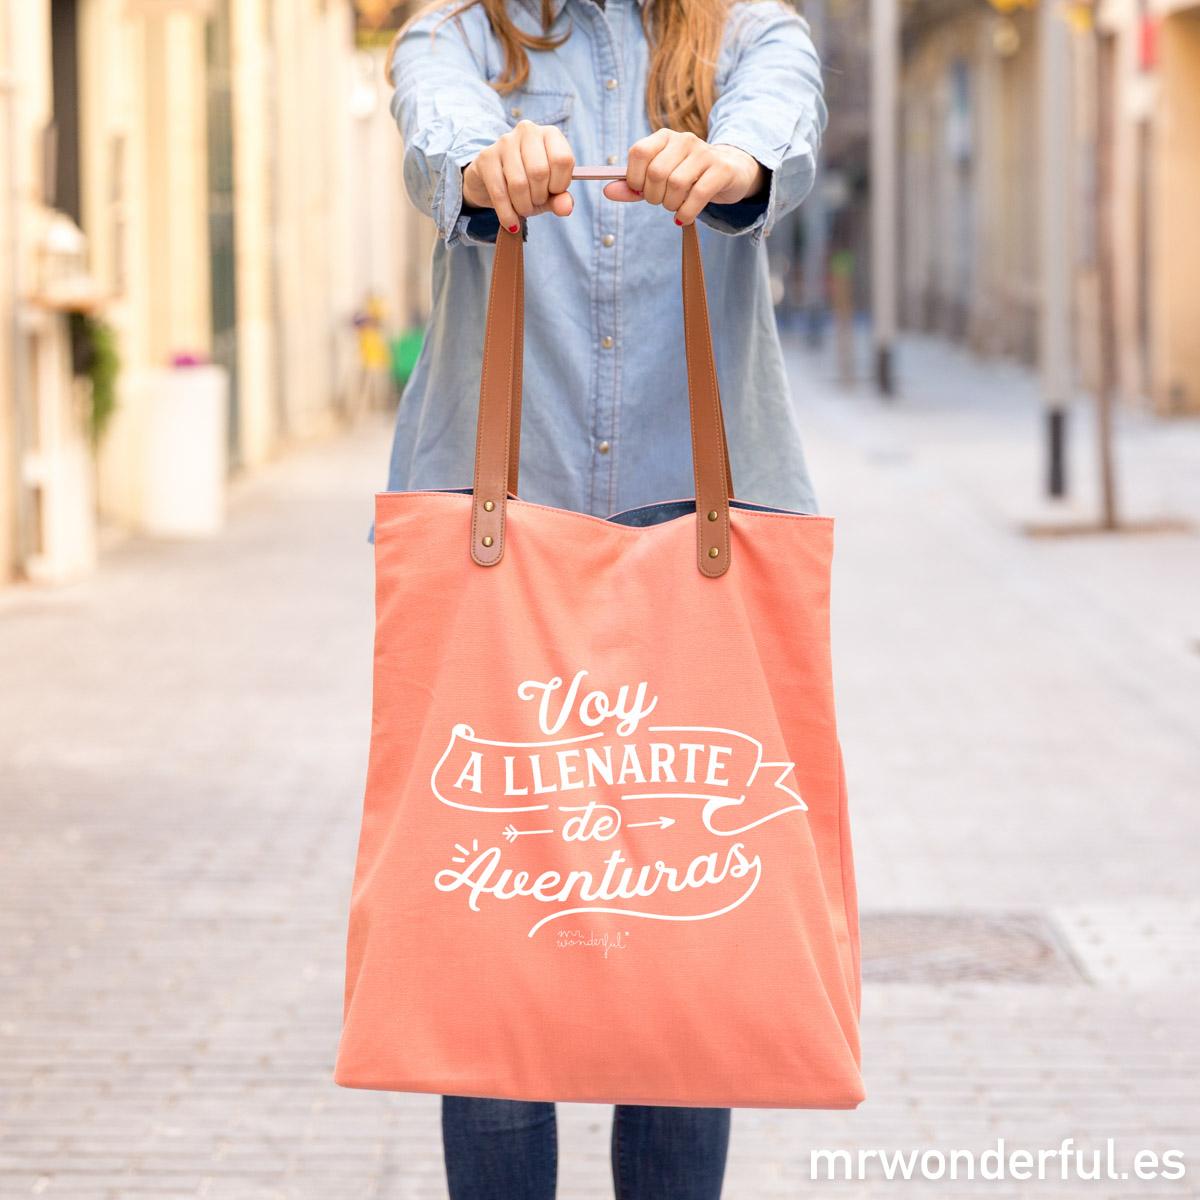 Nuevos diseños de bolsos y bolsas de tela, ¡que son tela marinera!